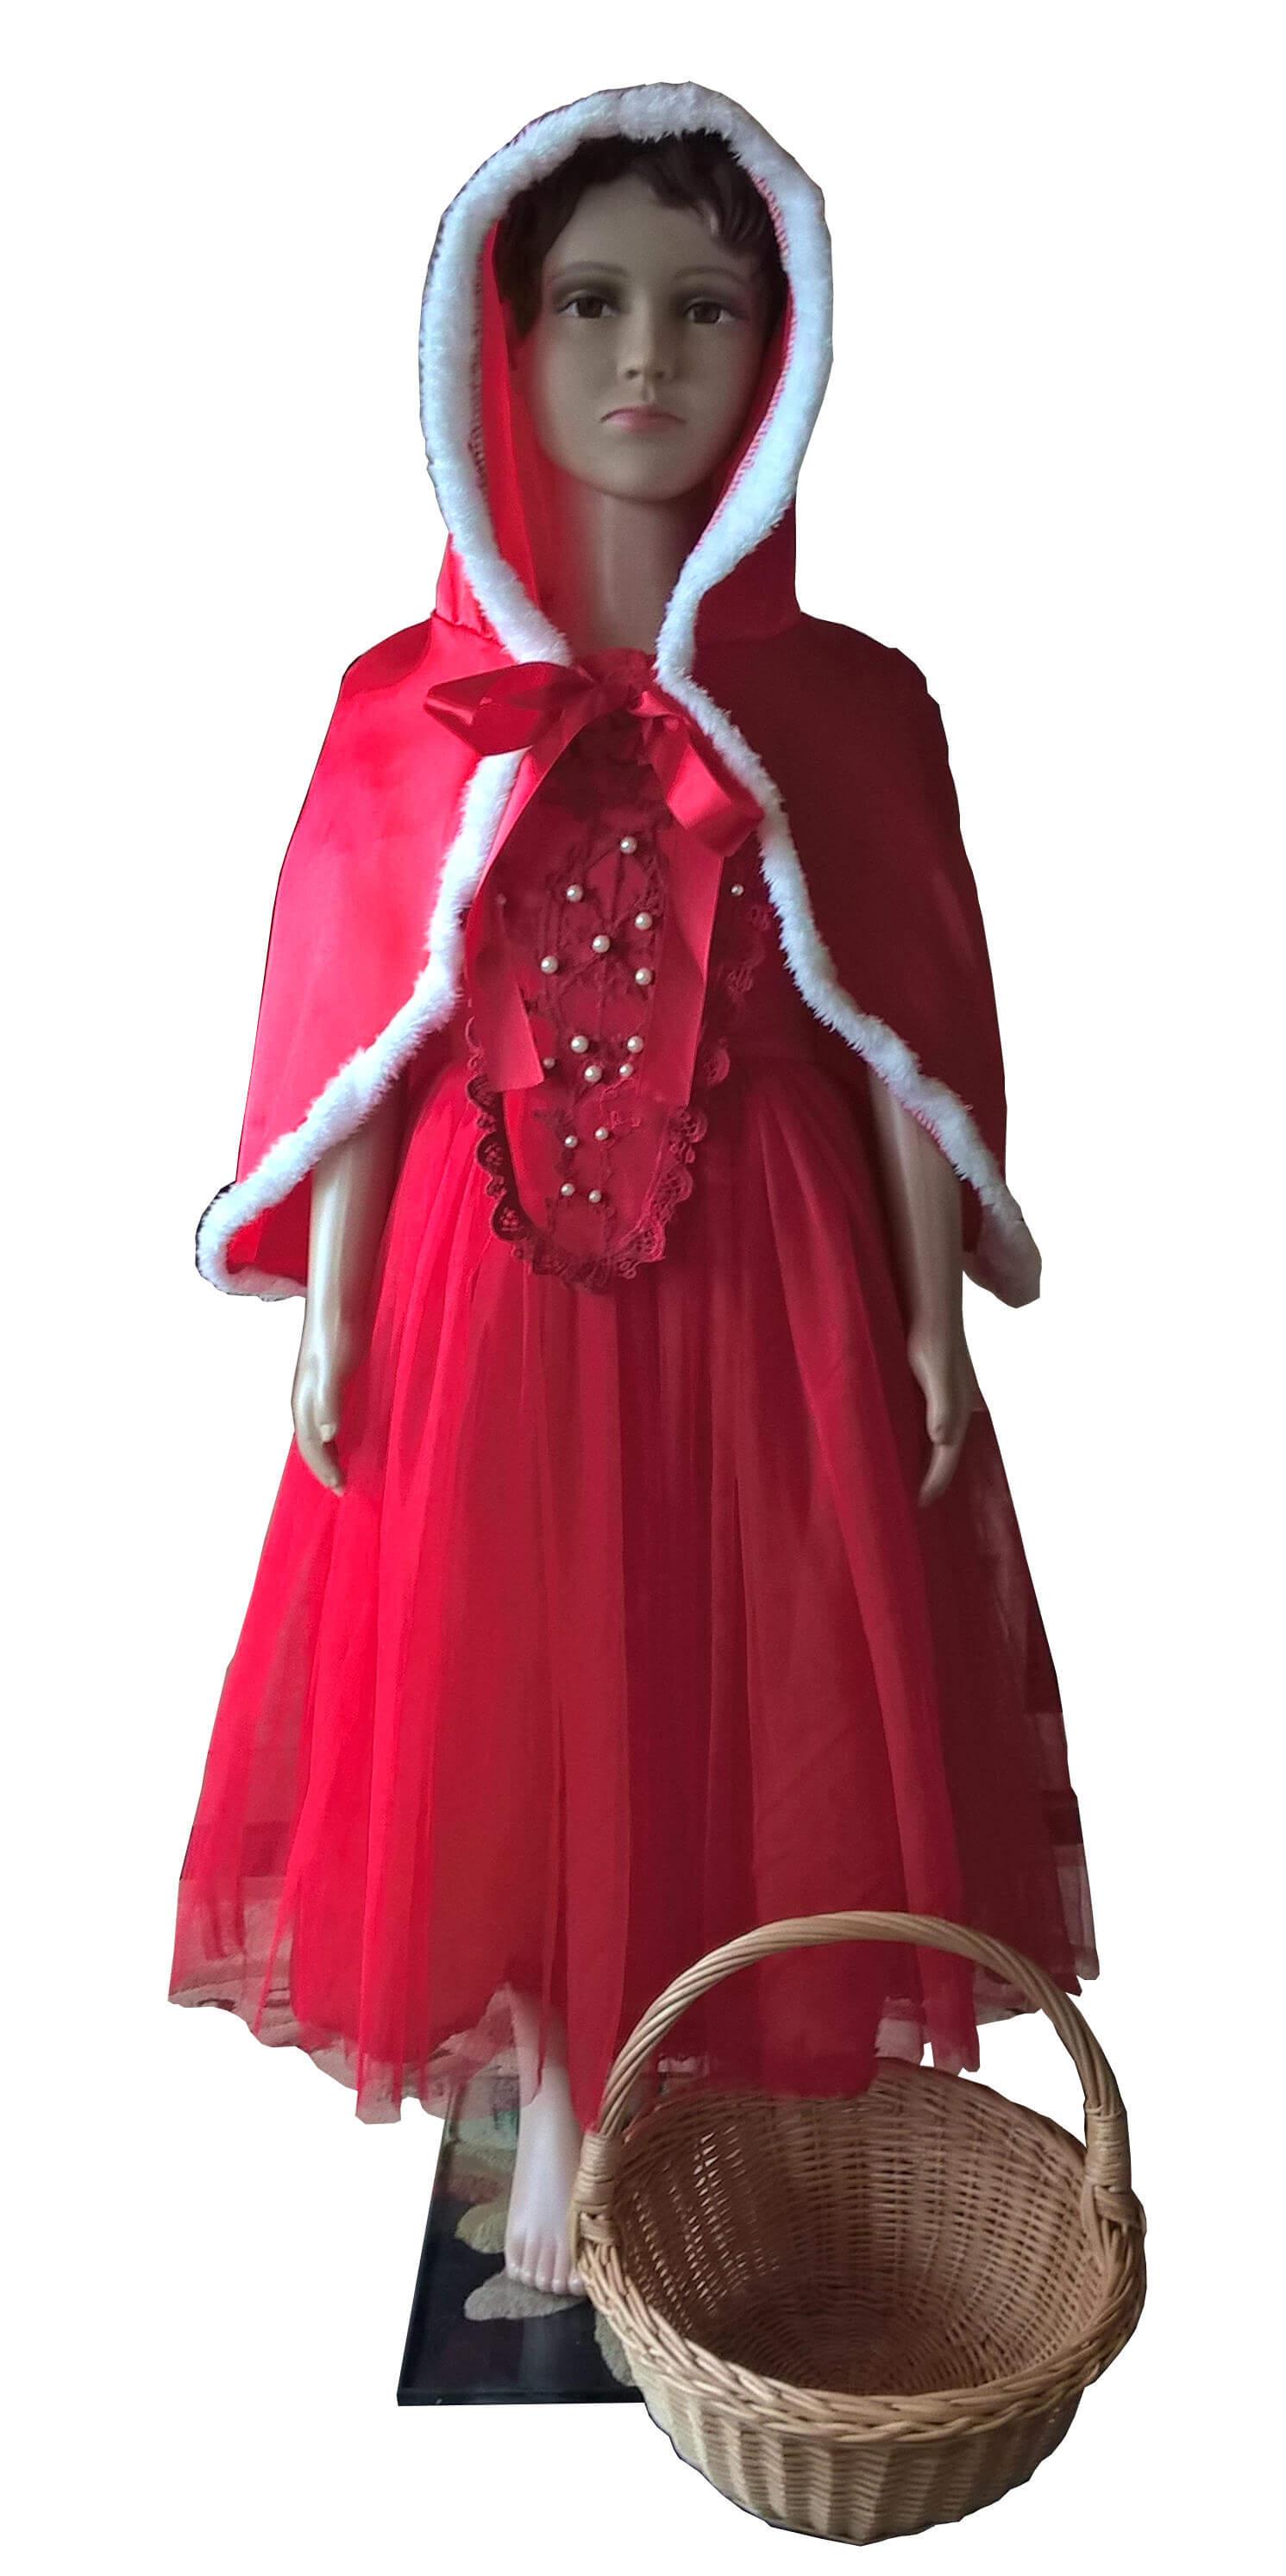 Raudonkepuraitės kostiumas. Įvairių pasakų ir filmų personažų karnavaliniai drabužiai. Karnavaliniu kostiumu nuoma vaikams Vilniuje - pasakunamai.lt